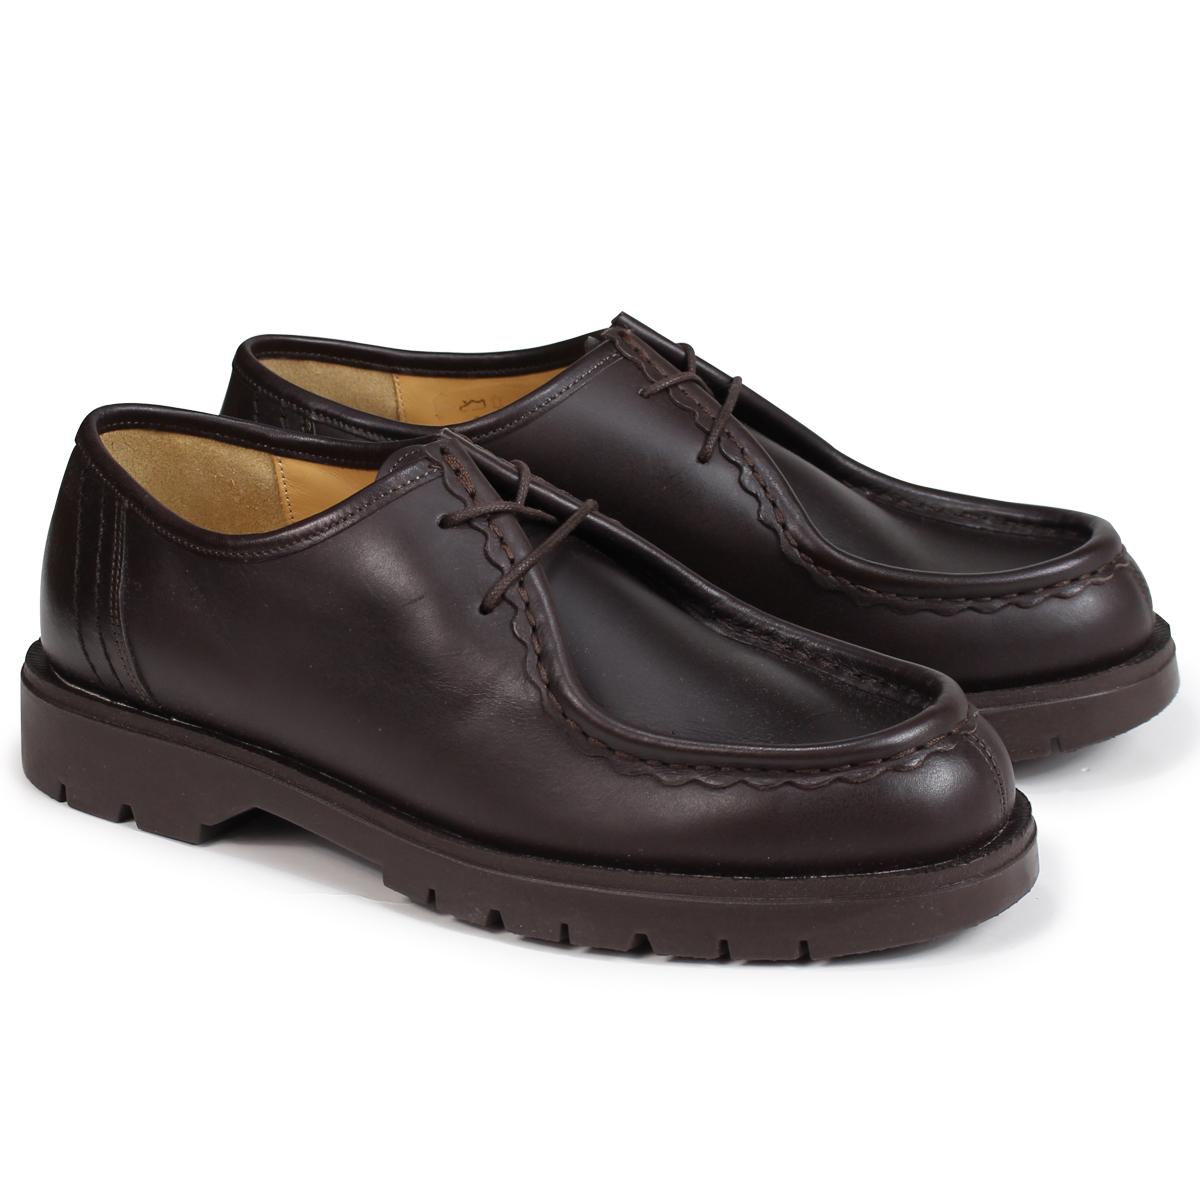 KLEMAN PADROR クレマン 靴 チロリアン シューズ メンズ TYROLEAN SHOES ブラウン VA72107 XA72507 [4/3 再入荷]